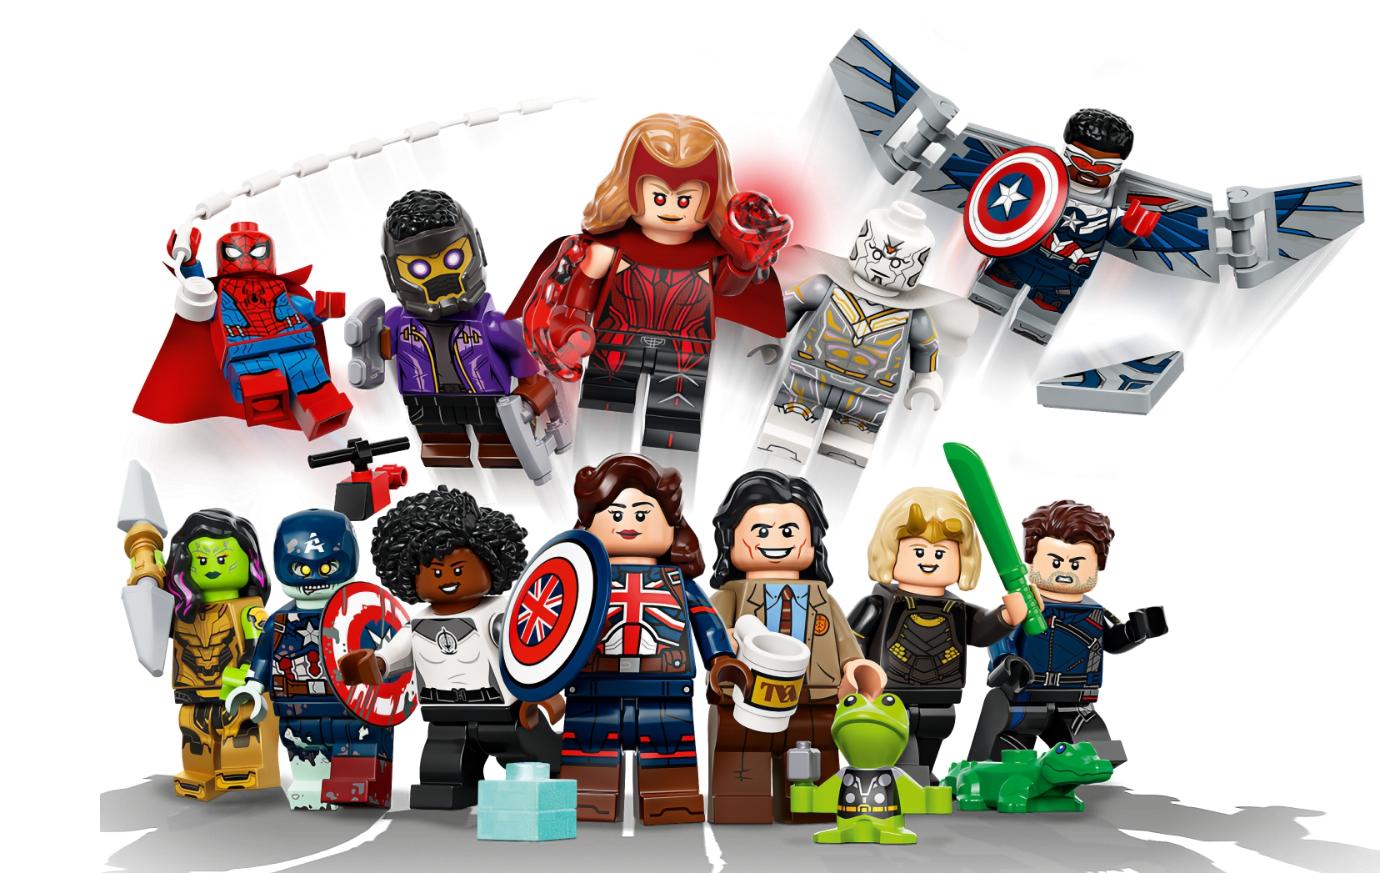 LEGO представила минифигурки героев из сериалов Marvel ВандаВижен, Локи, Сокол и Зимний солдат и Что если